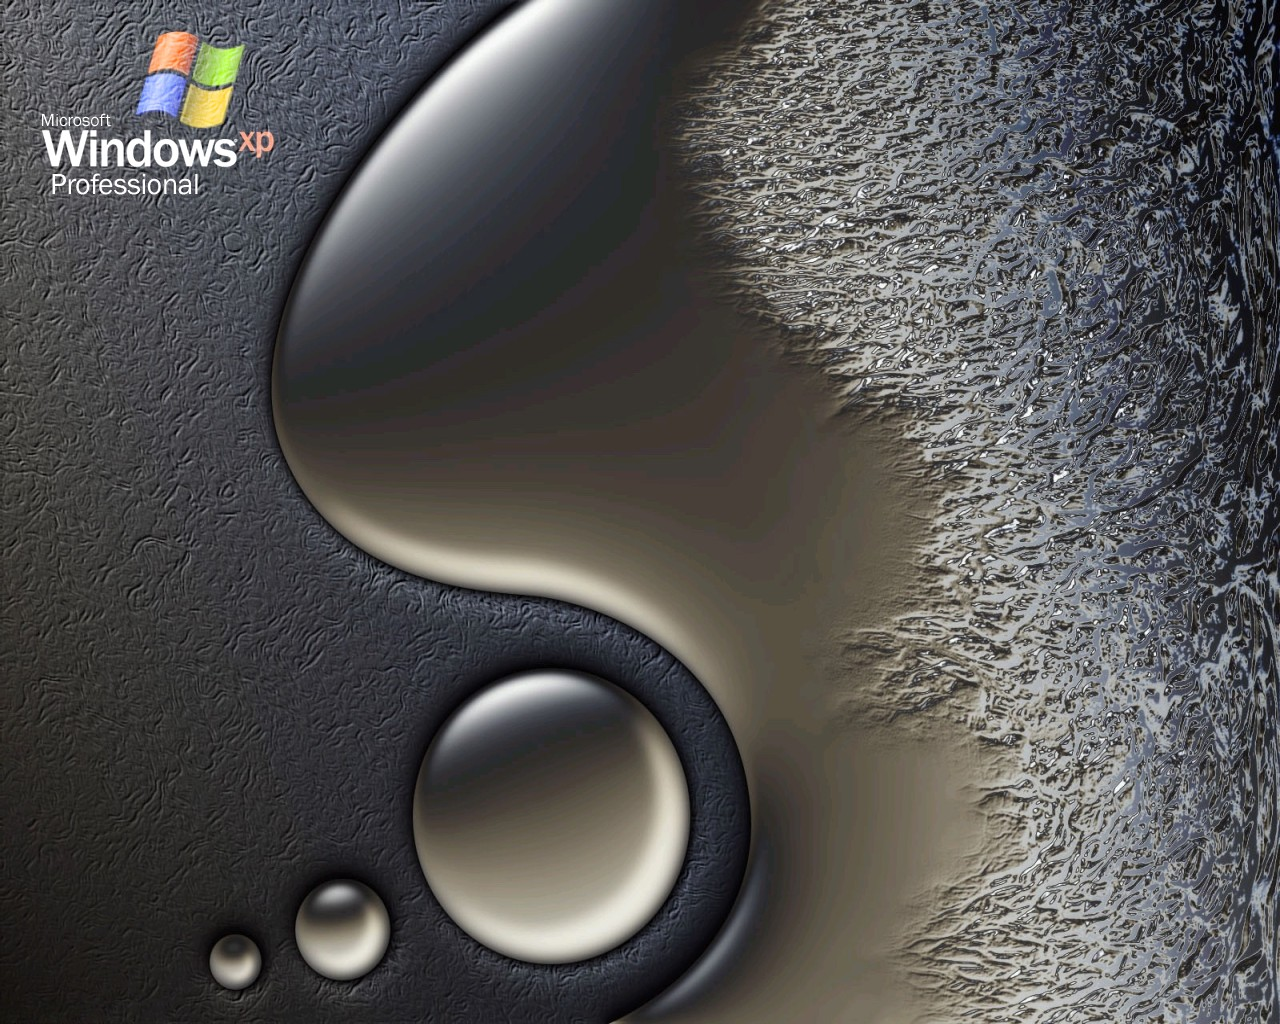 1280x1024 Windows XP metallic desktop wallpapers and stock photos 1280x1024